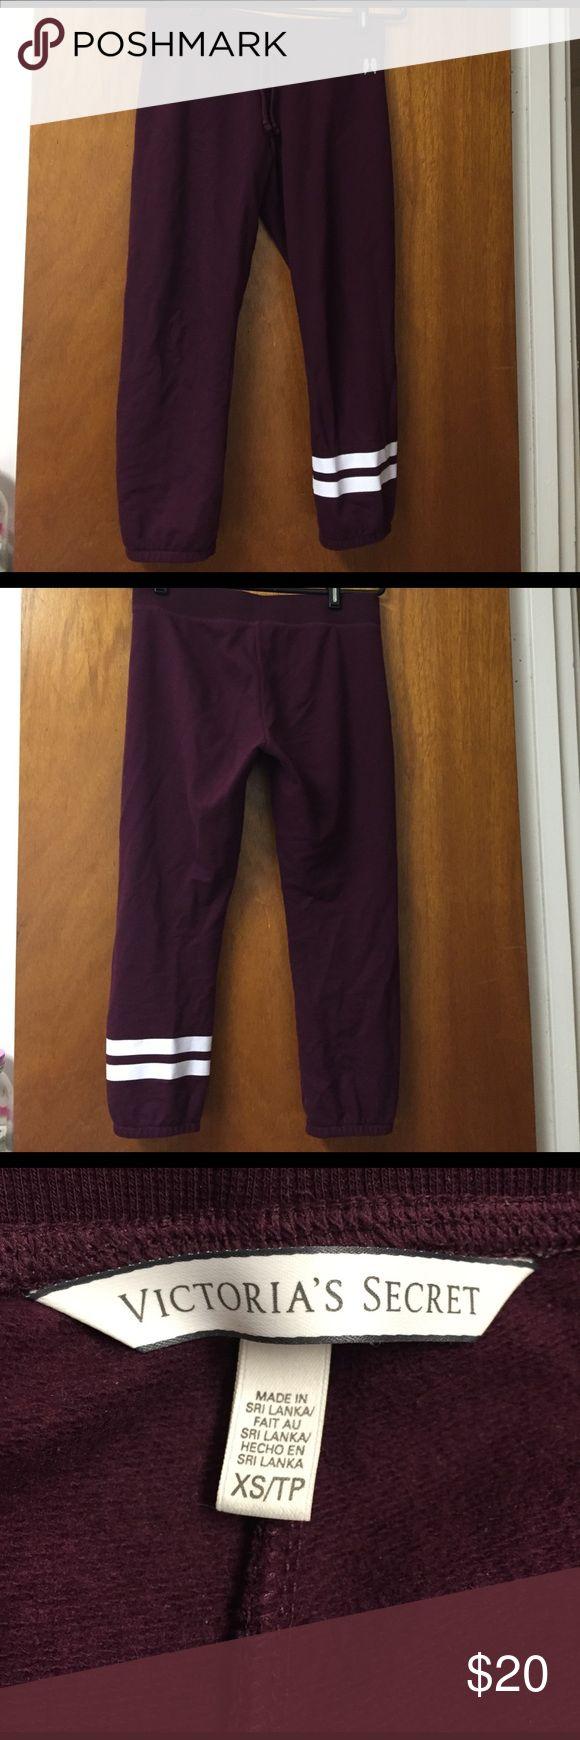 Victoria's Secret Gym Capri Pants XS Wine Stripe VIctoria's Secret Gym Capri Pant size XS.  Mint condition.  Wine color with stripe. Victoria's Secret Pants Capris